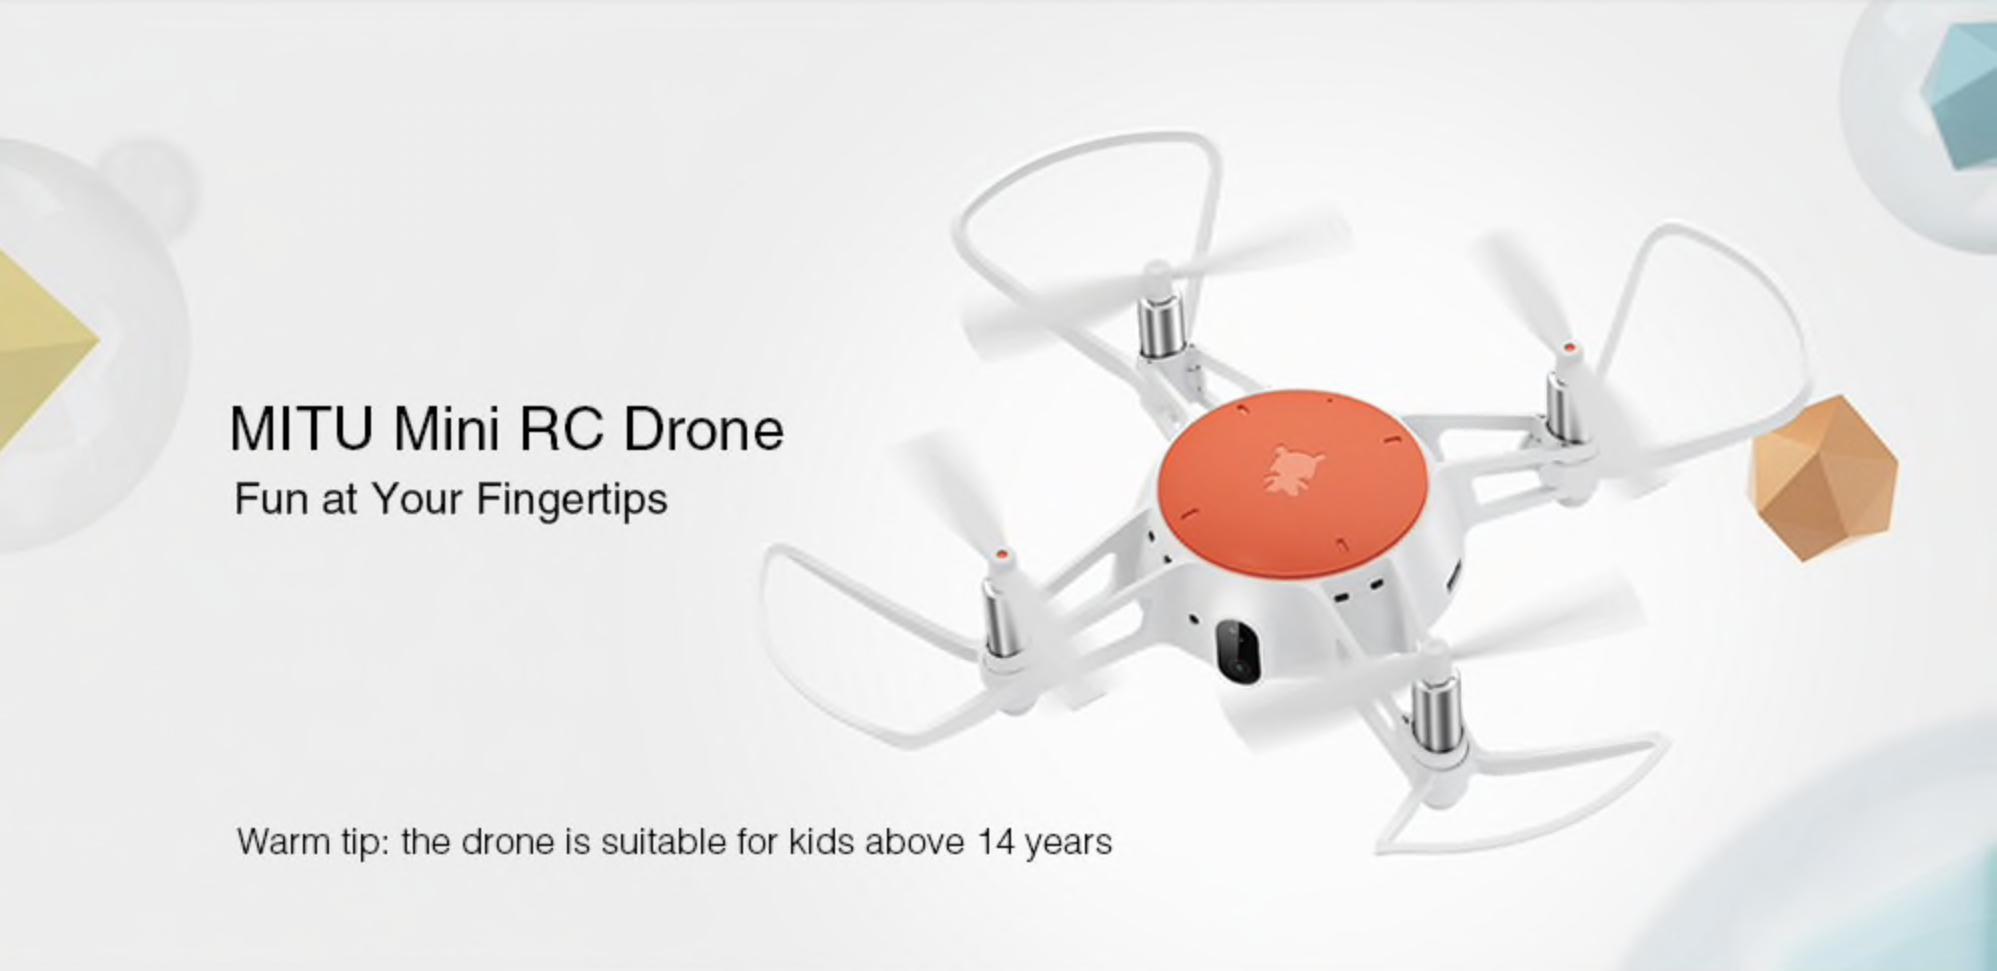 Exkluzivní dron Xiaomi MITU za nejnižší cenu v historii! [sponzorovaný článek]